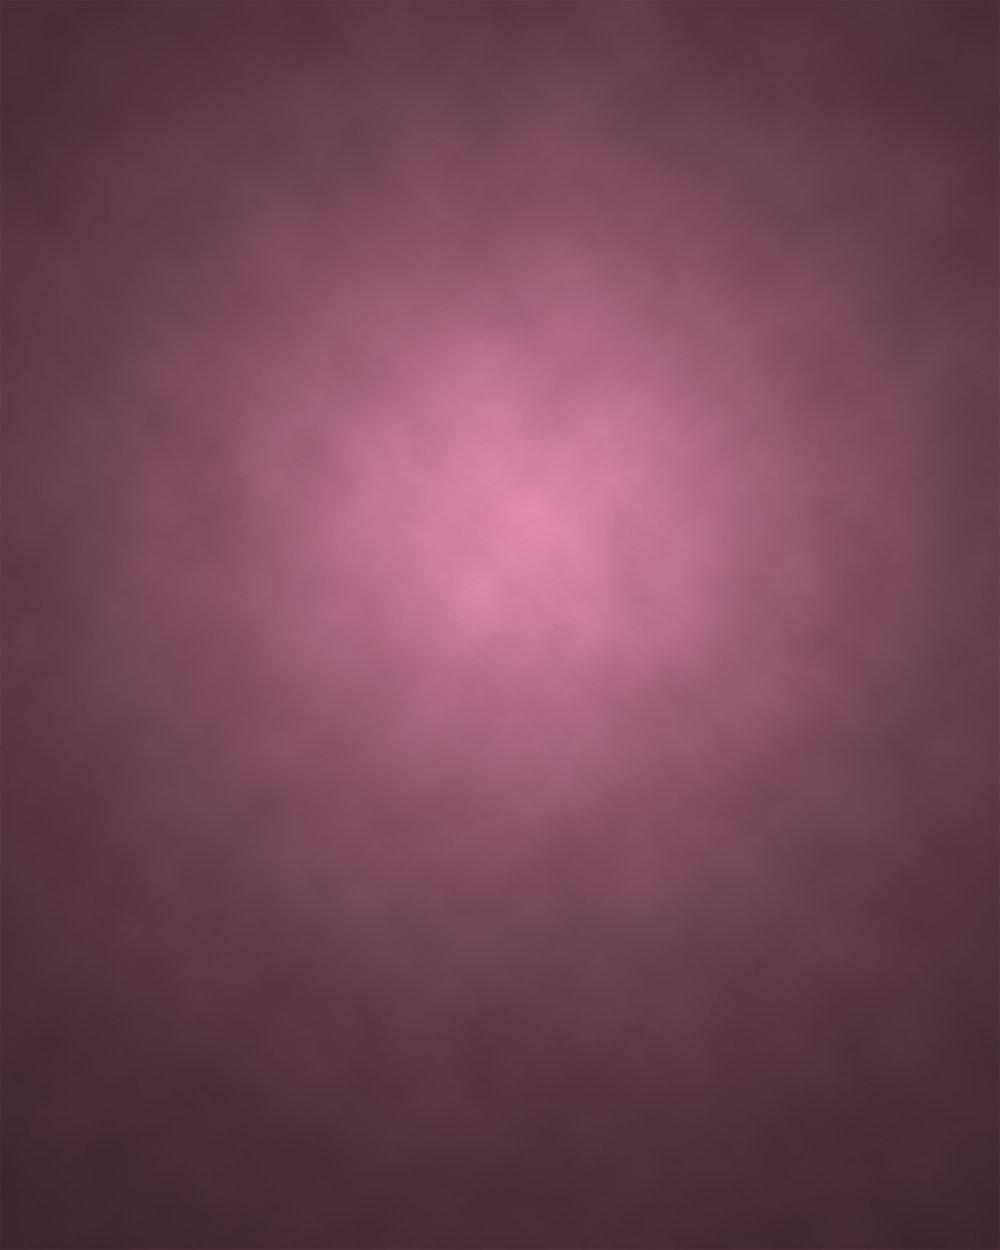 Background Option #7 - Rose